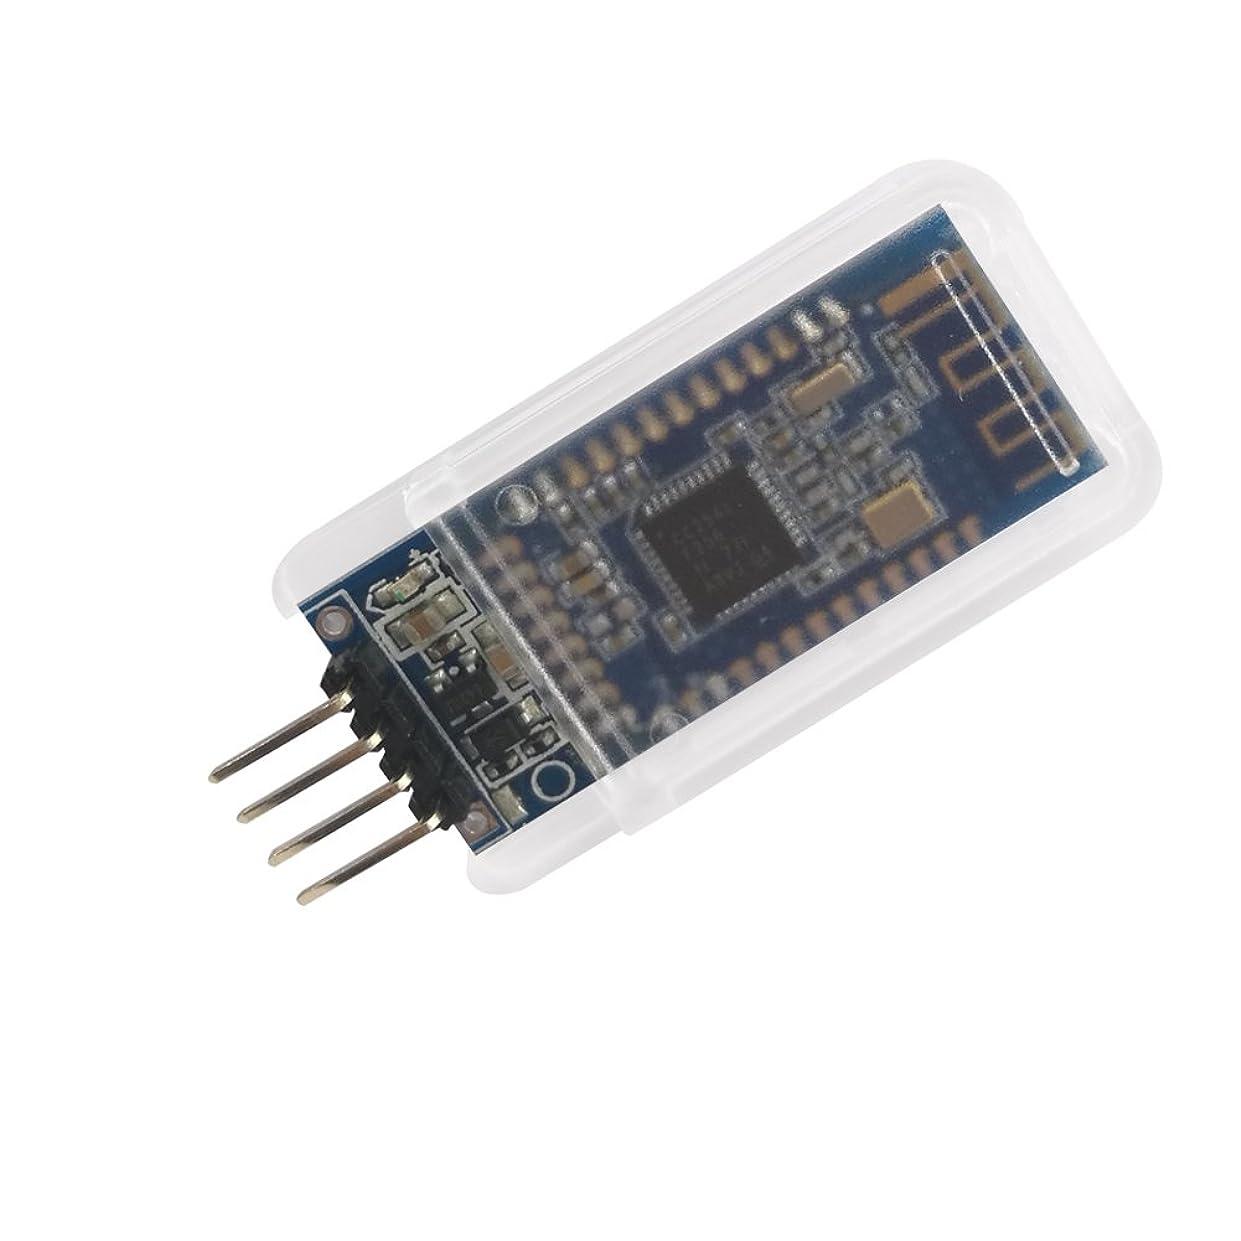 退院翻訳救いDSD TECH HM-10 Bluetooth 4.0 BLE UARTモジュール 4pinベースボード付き Arduino UNO r3 Mega 2560 Nanoに適用